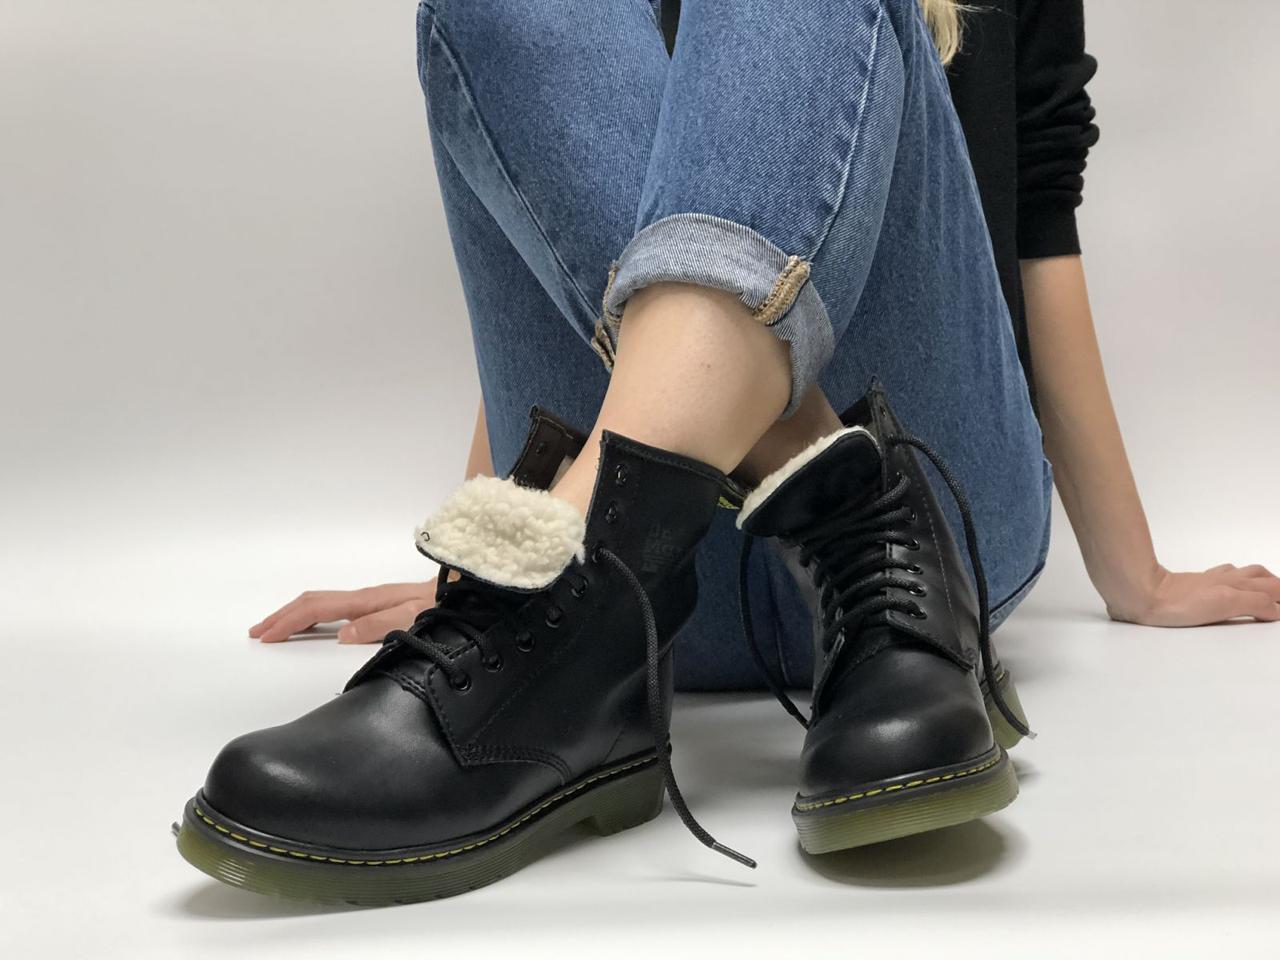 Ботинки женские зимние Dr. Martens Black (Мех) Реплика ААА